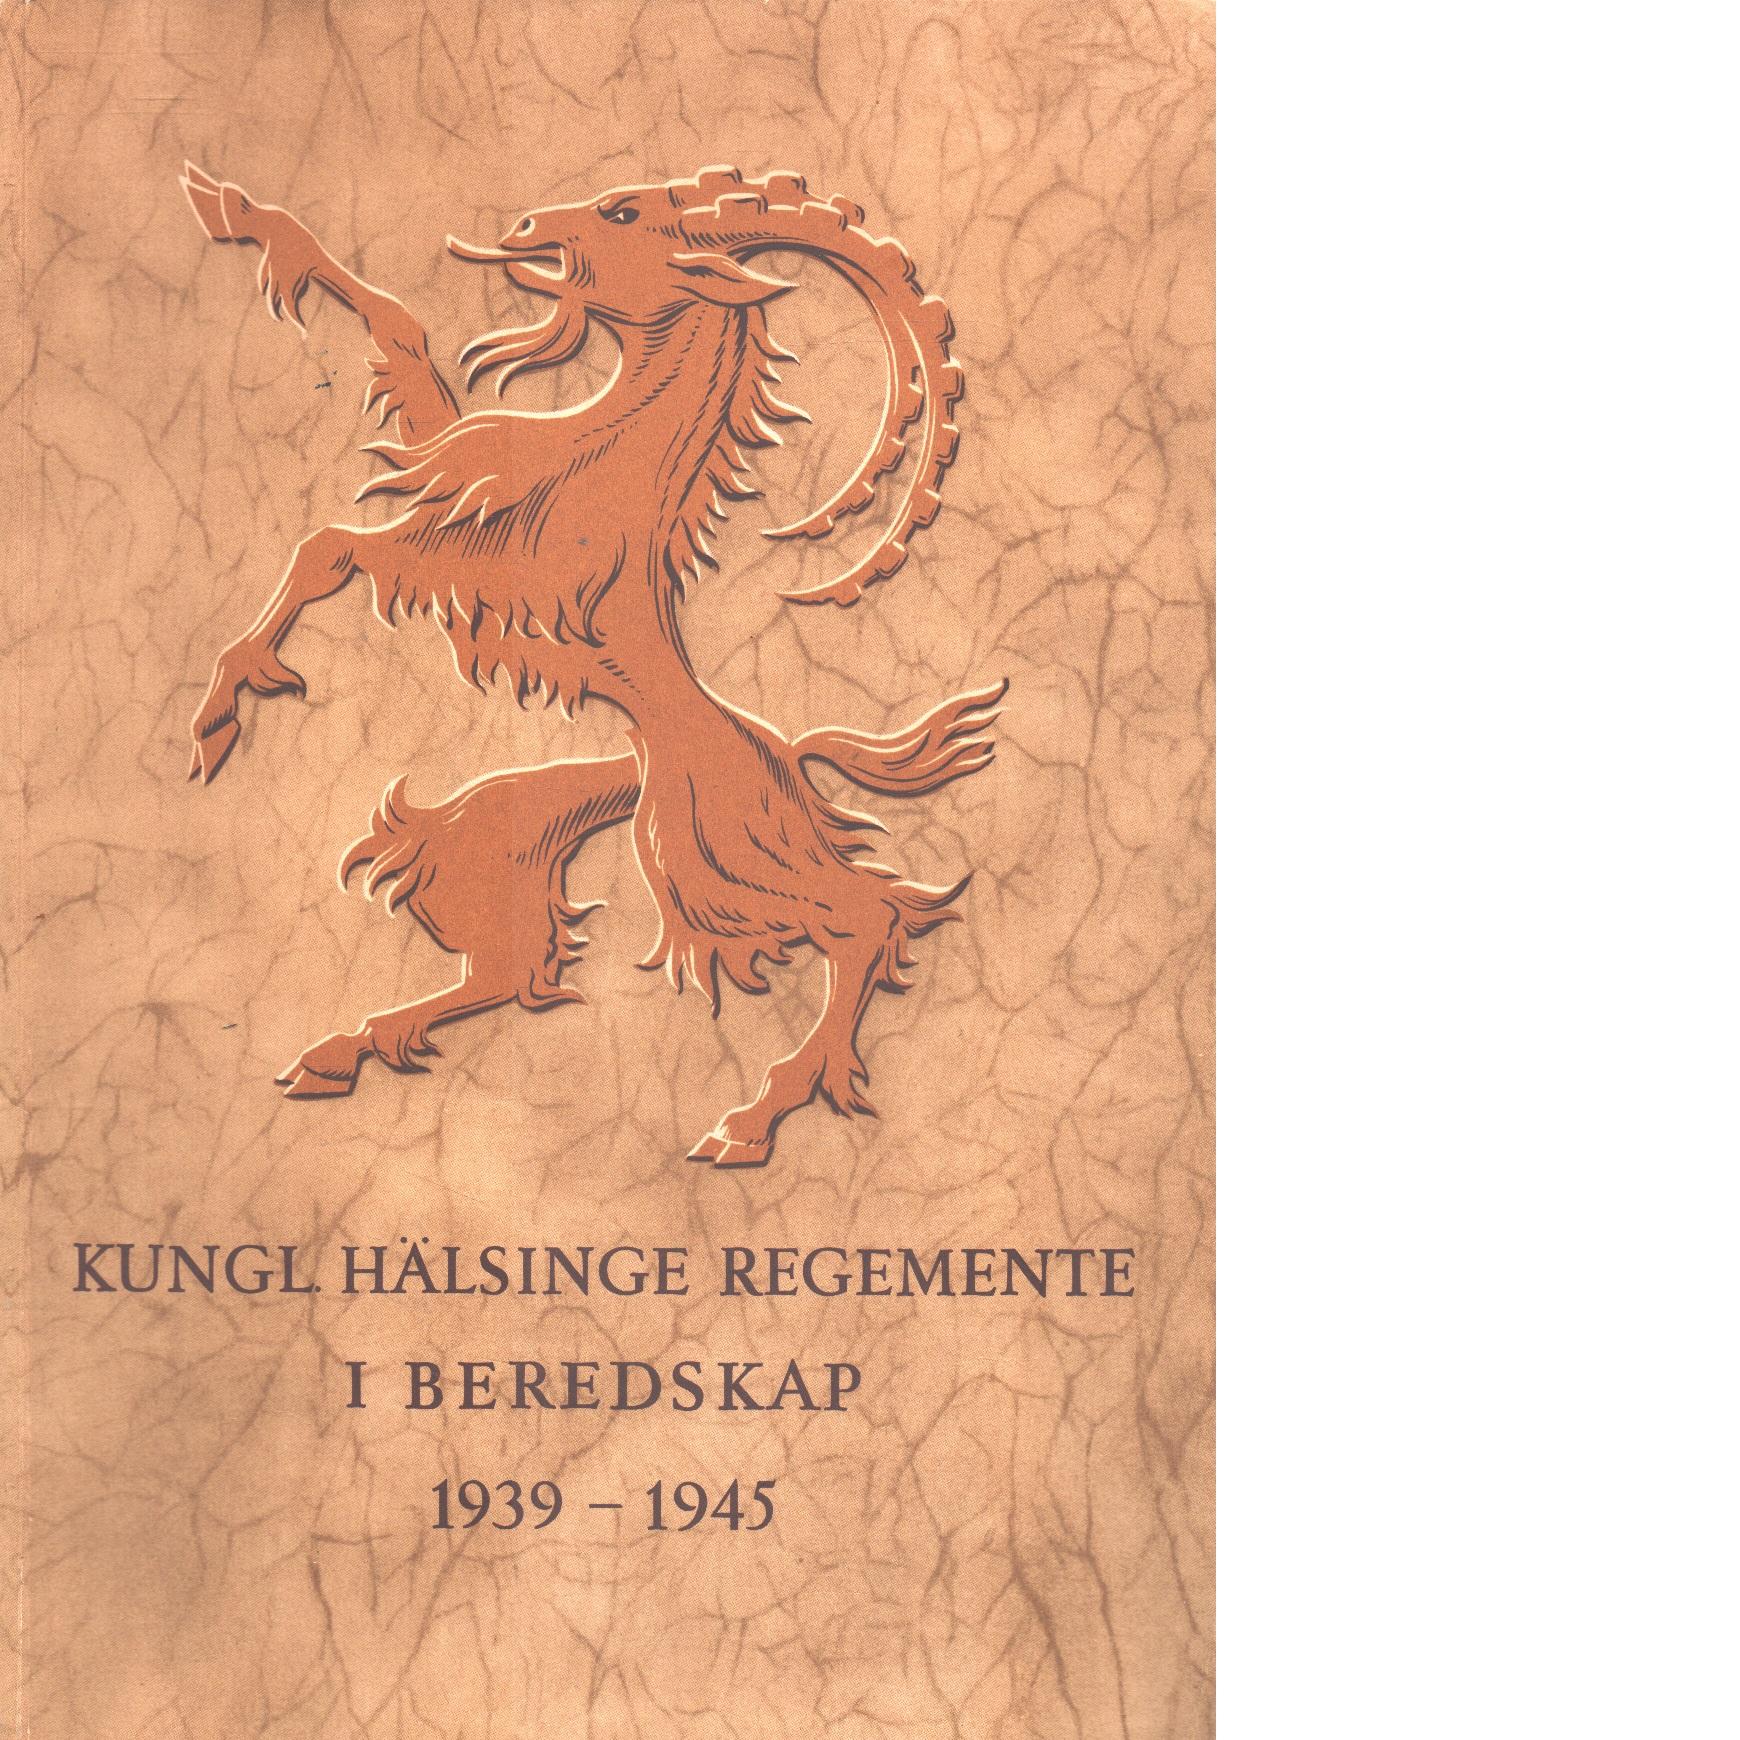 Kungl. hälsinge regemente i beredskap 1939-1945 : [utg. av hälsinge regementes kamratförening] - Red.